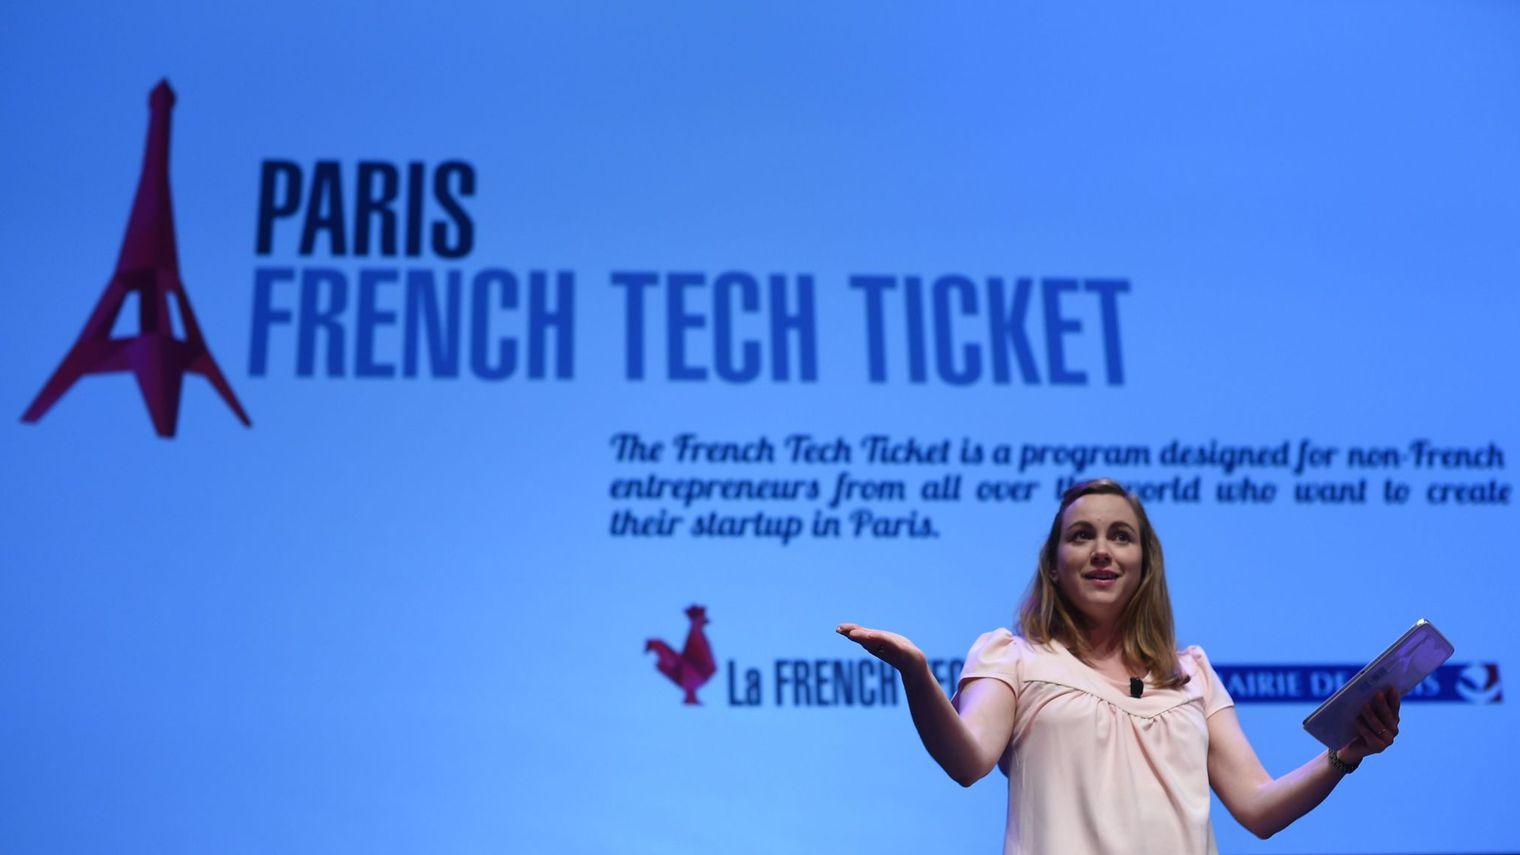 French Tech ticket officiellement lancé